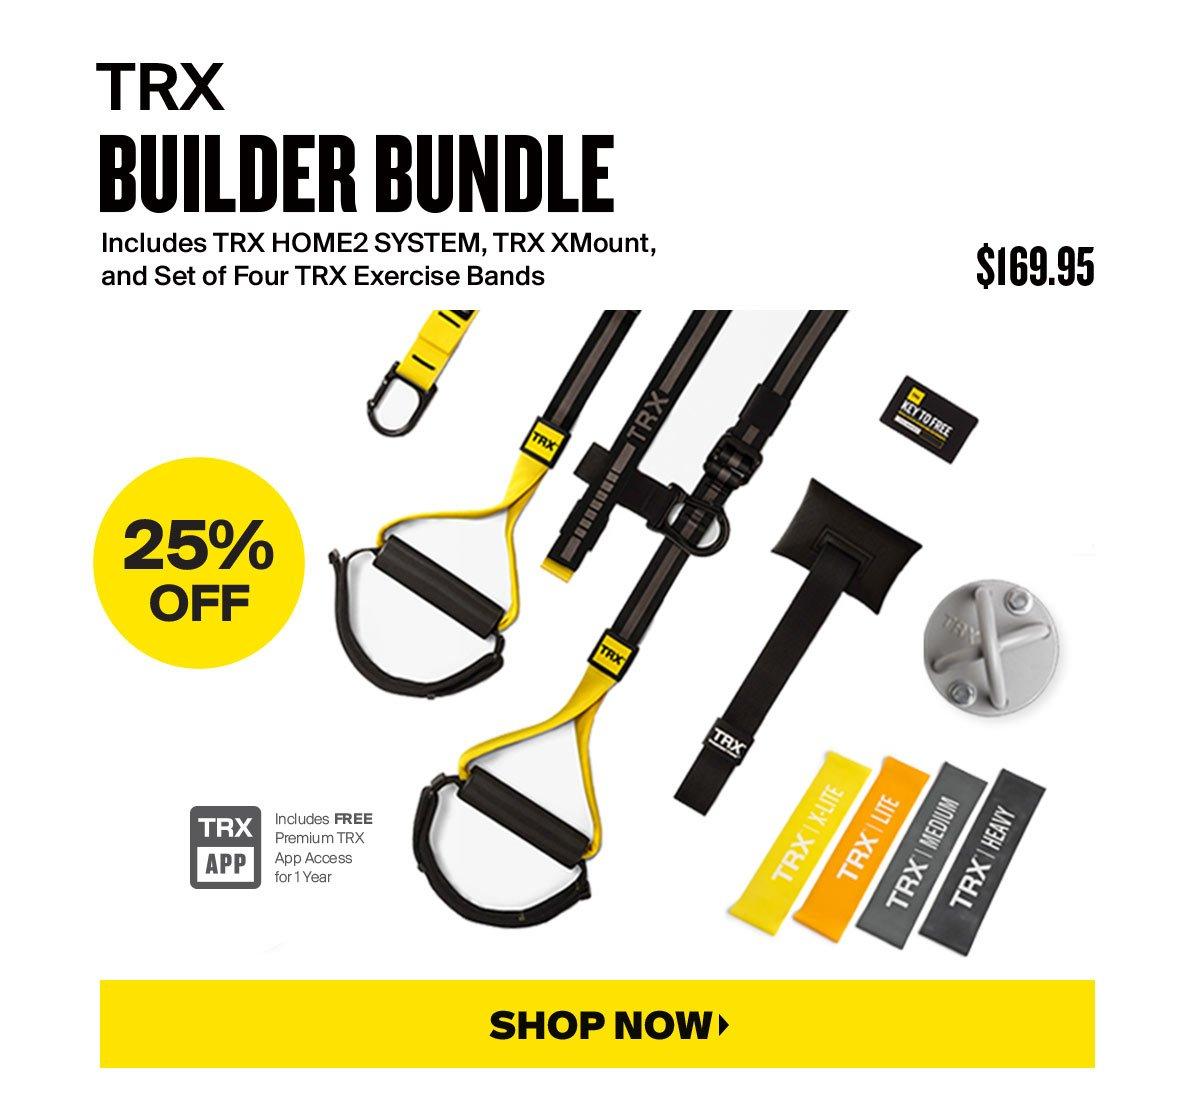 25% OFF TRX BUILDER BUNDLE   $169.95   SHOP NOW >